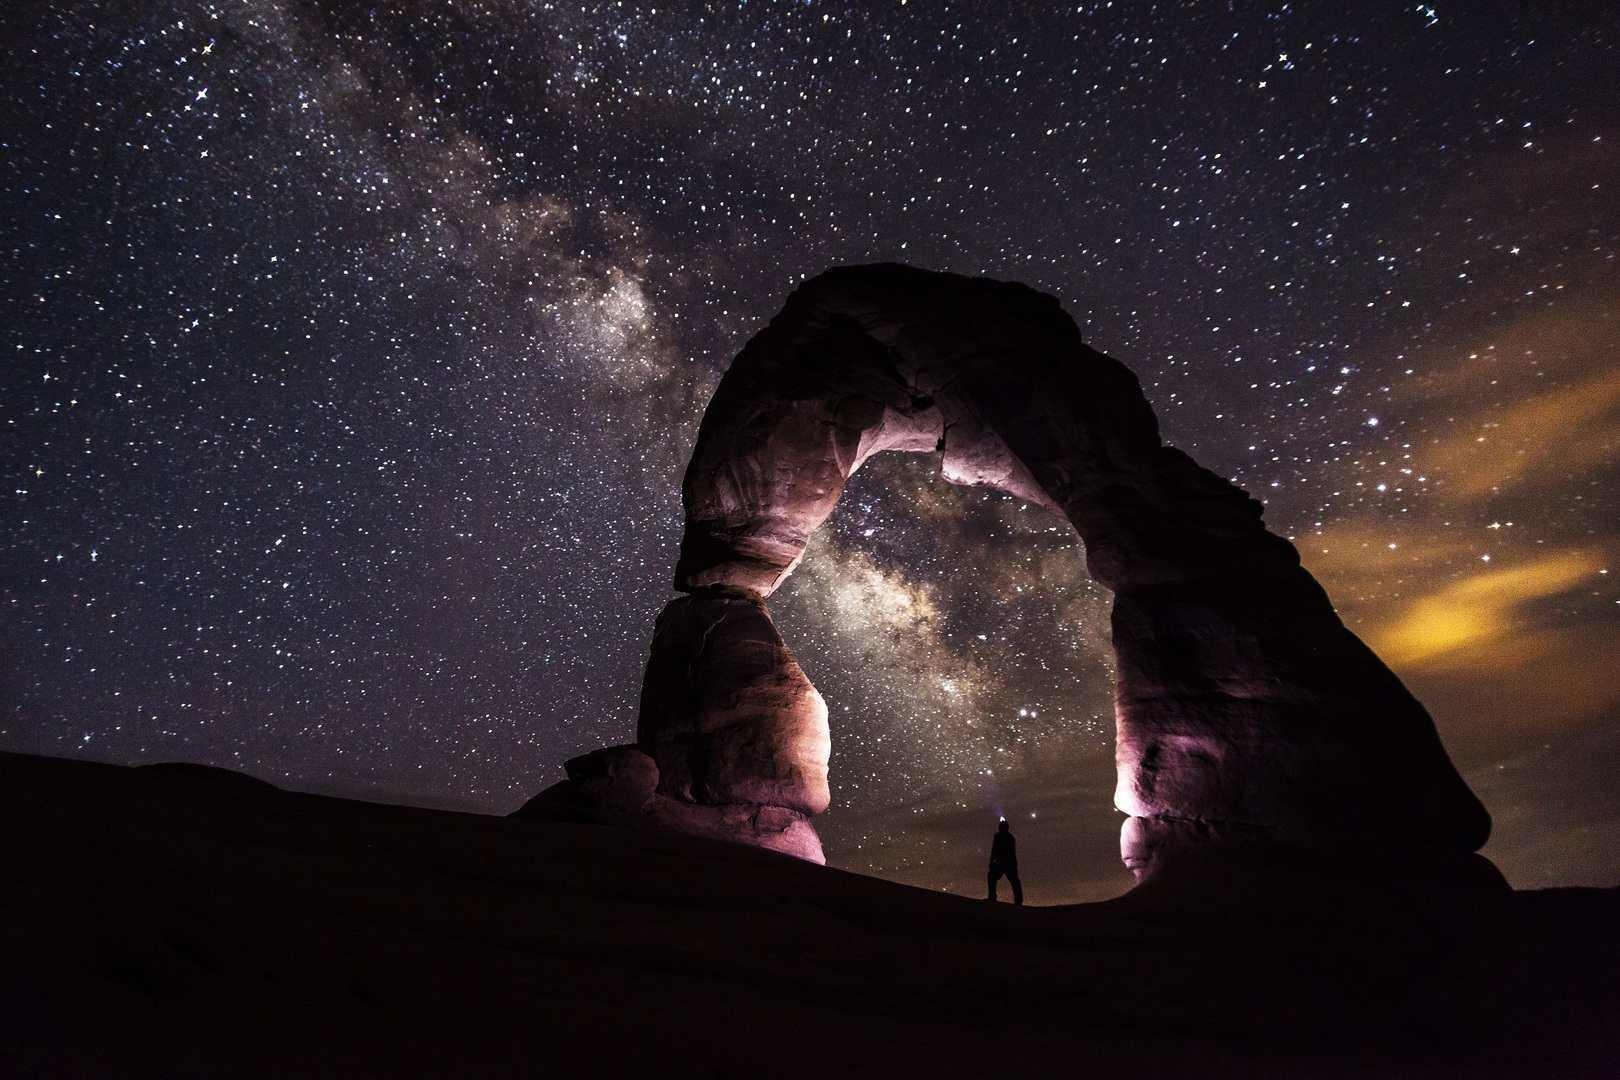 Тельцам понадобится поддержка близких, а Водолеи столкнутся со сложными задачами: гороскоп на четверг для знаков зодиака